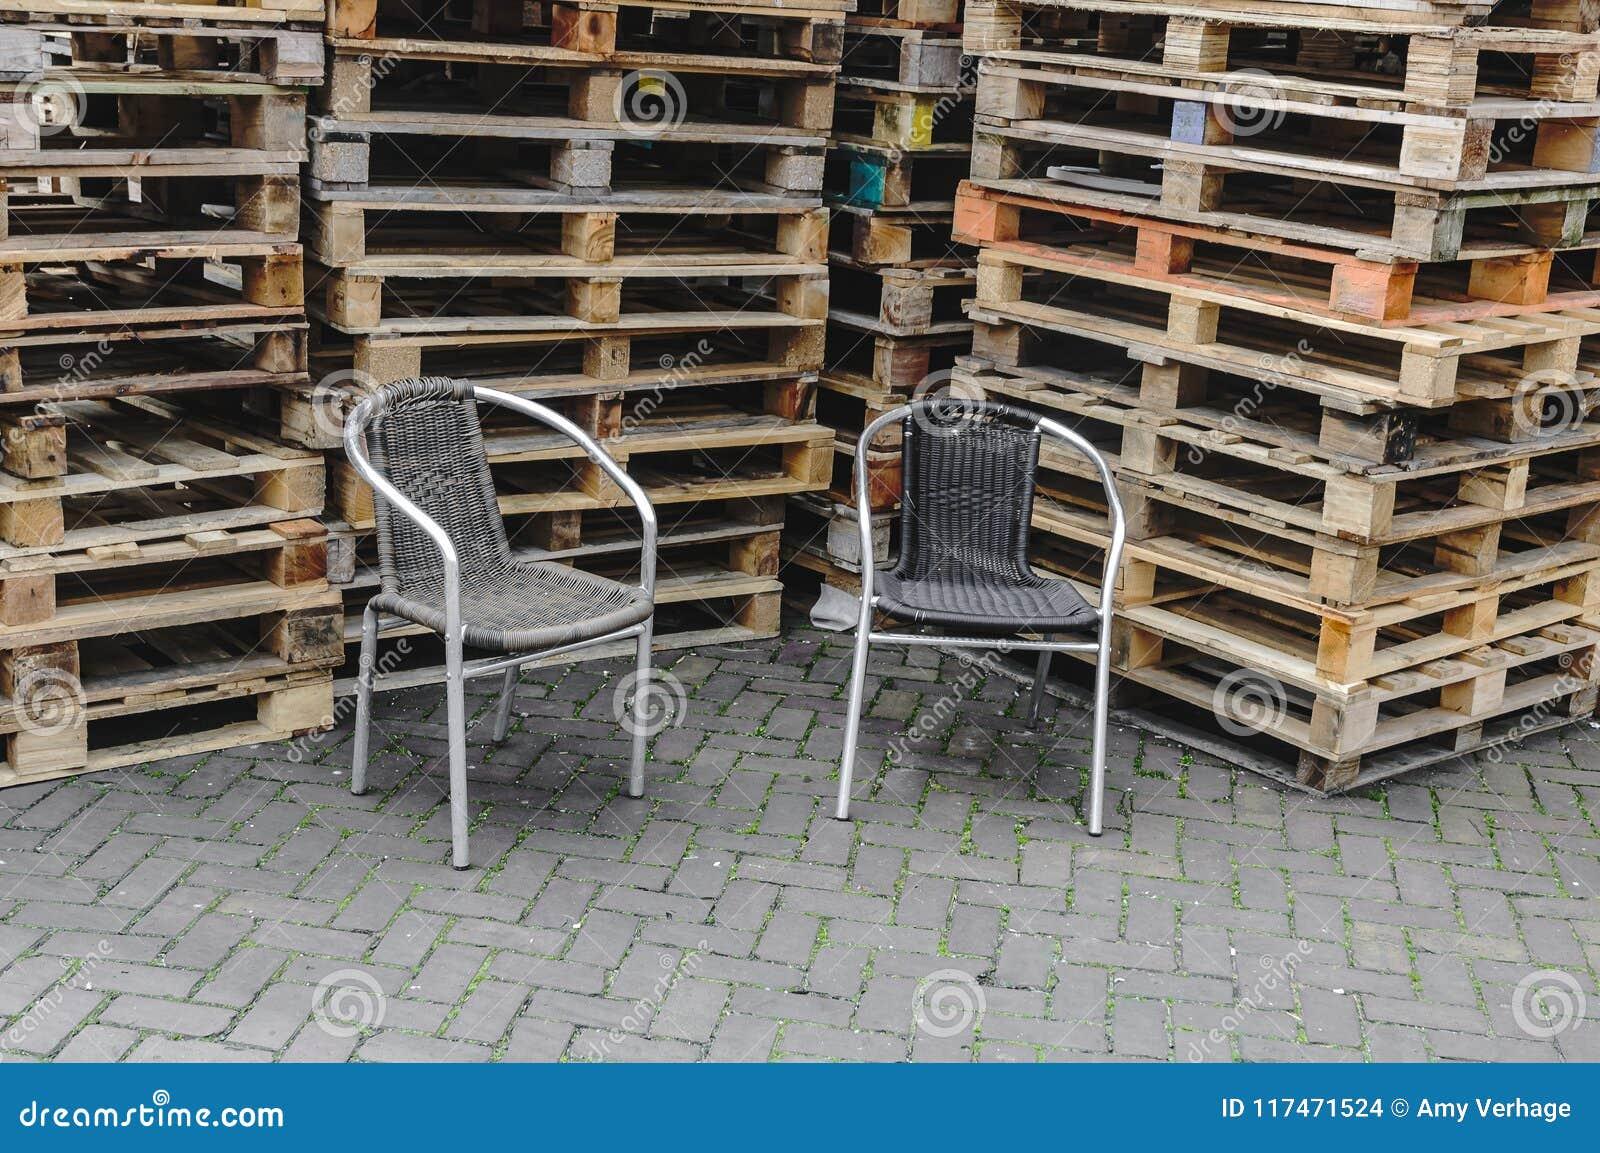 Zwei geflochtene Stühle gesetzt vor Stapeln Paletten